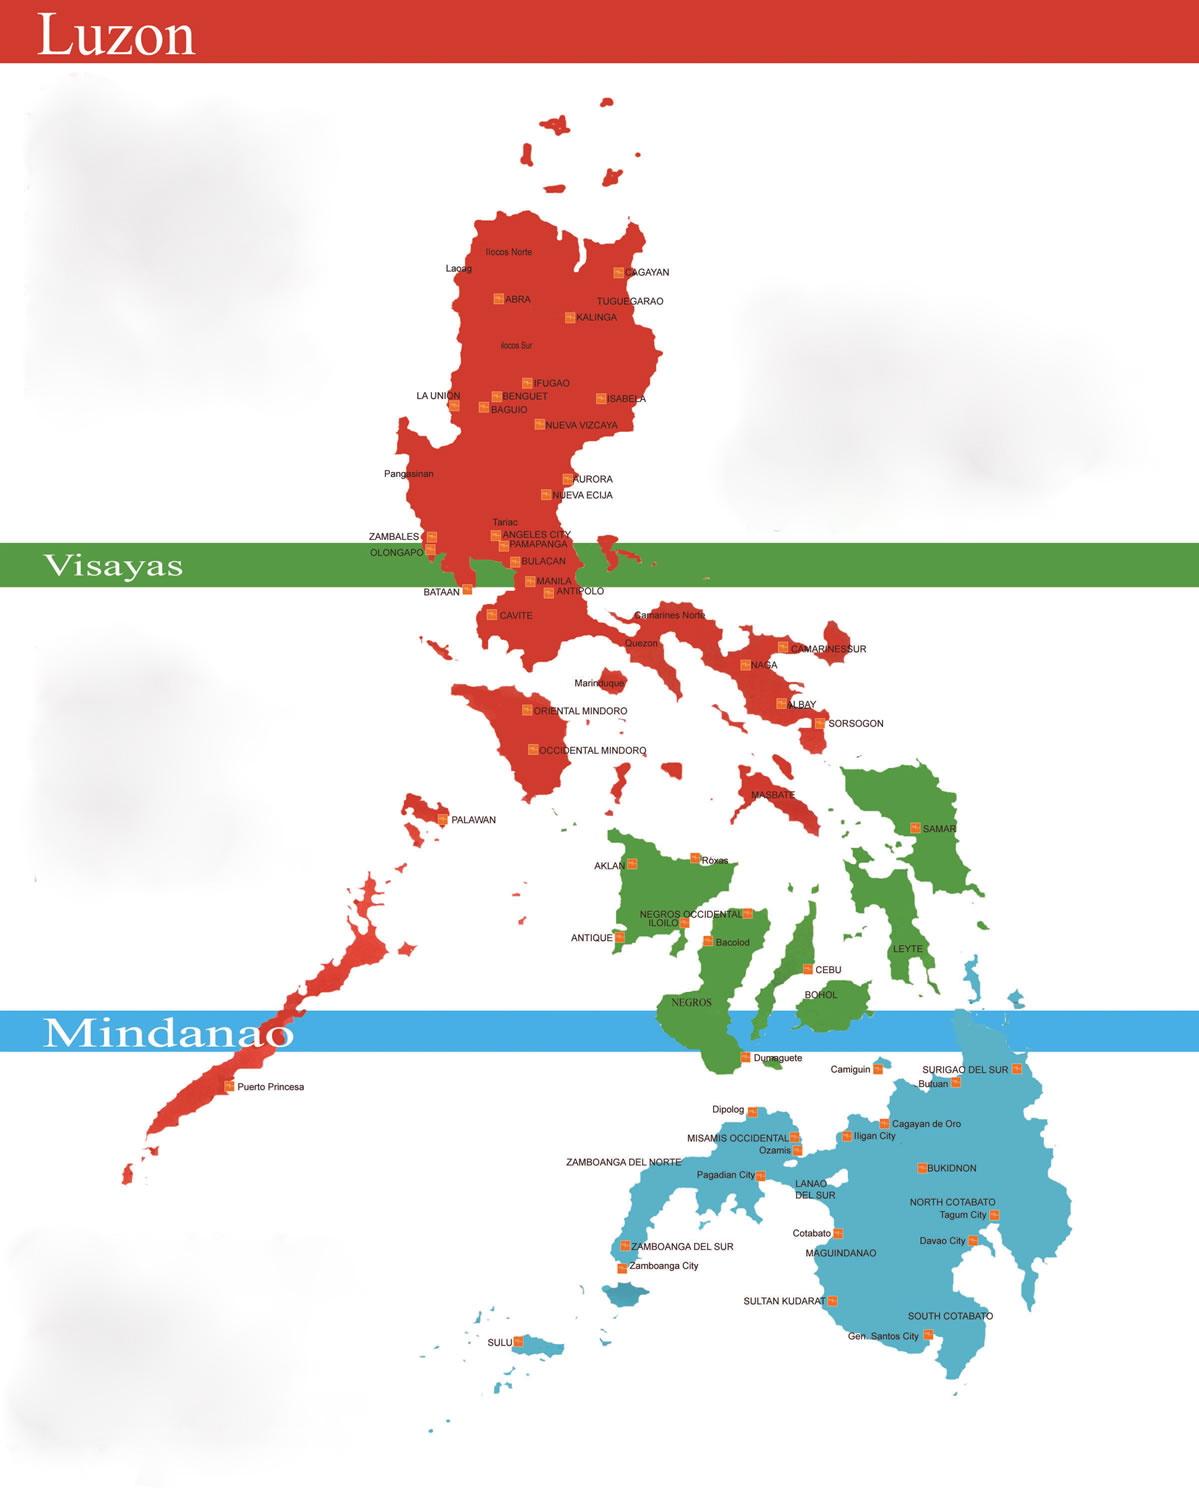 Kalanggaman Calanggaman Island Philippines Leyte | winairtravel